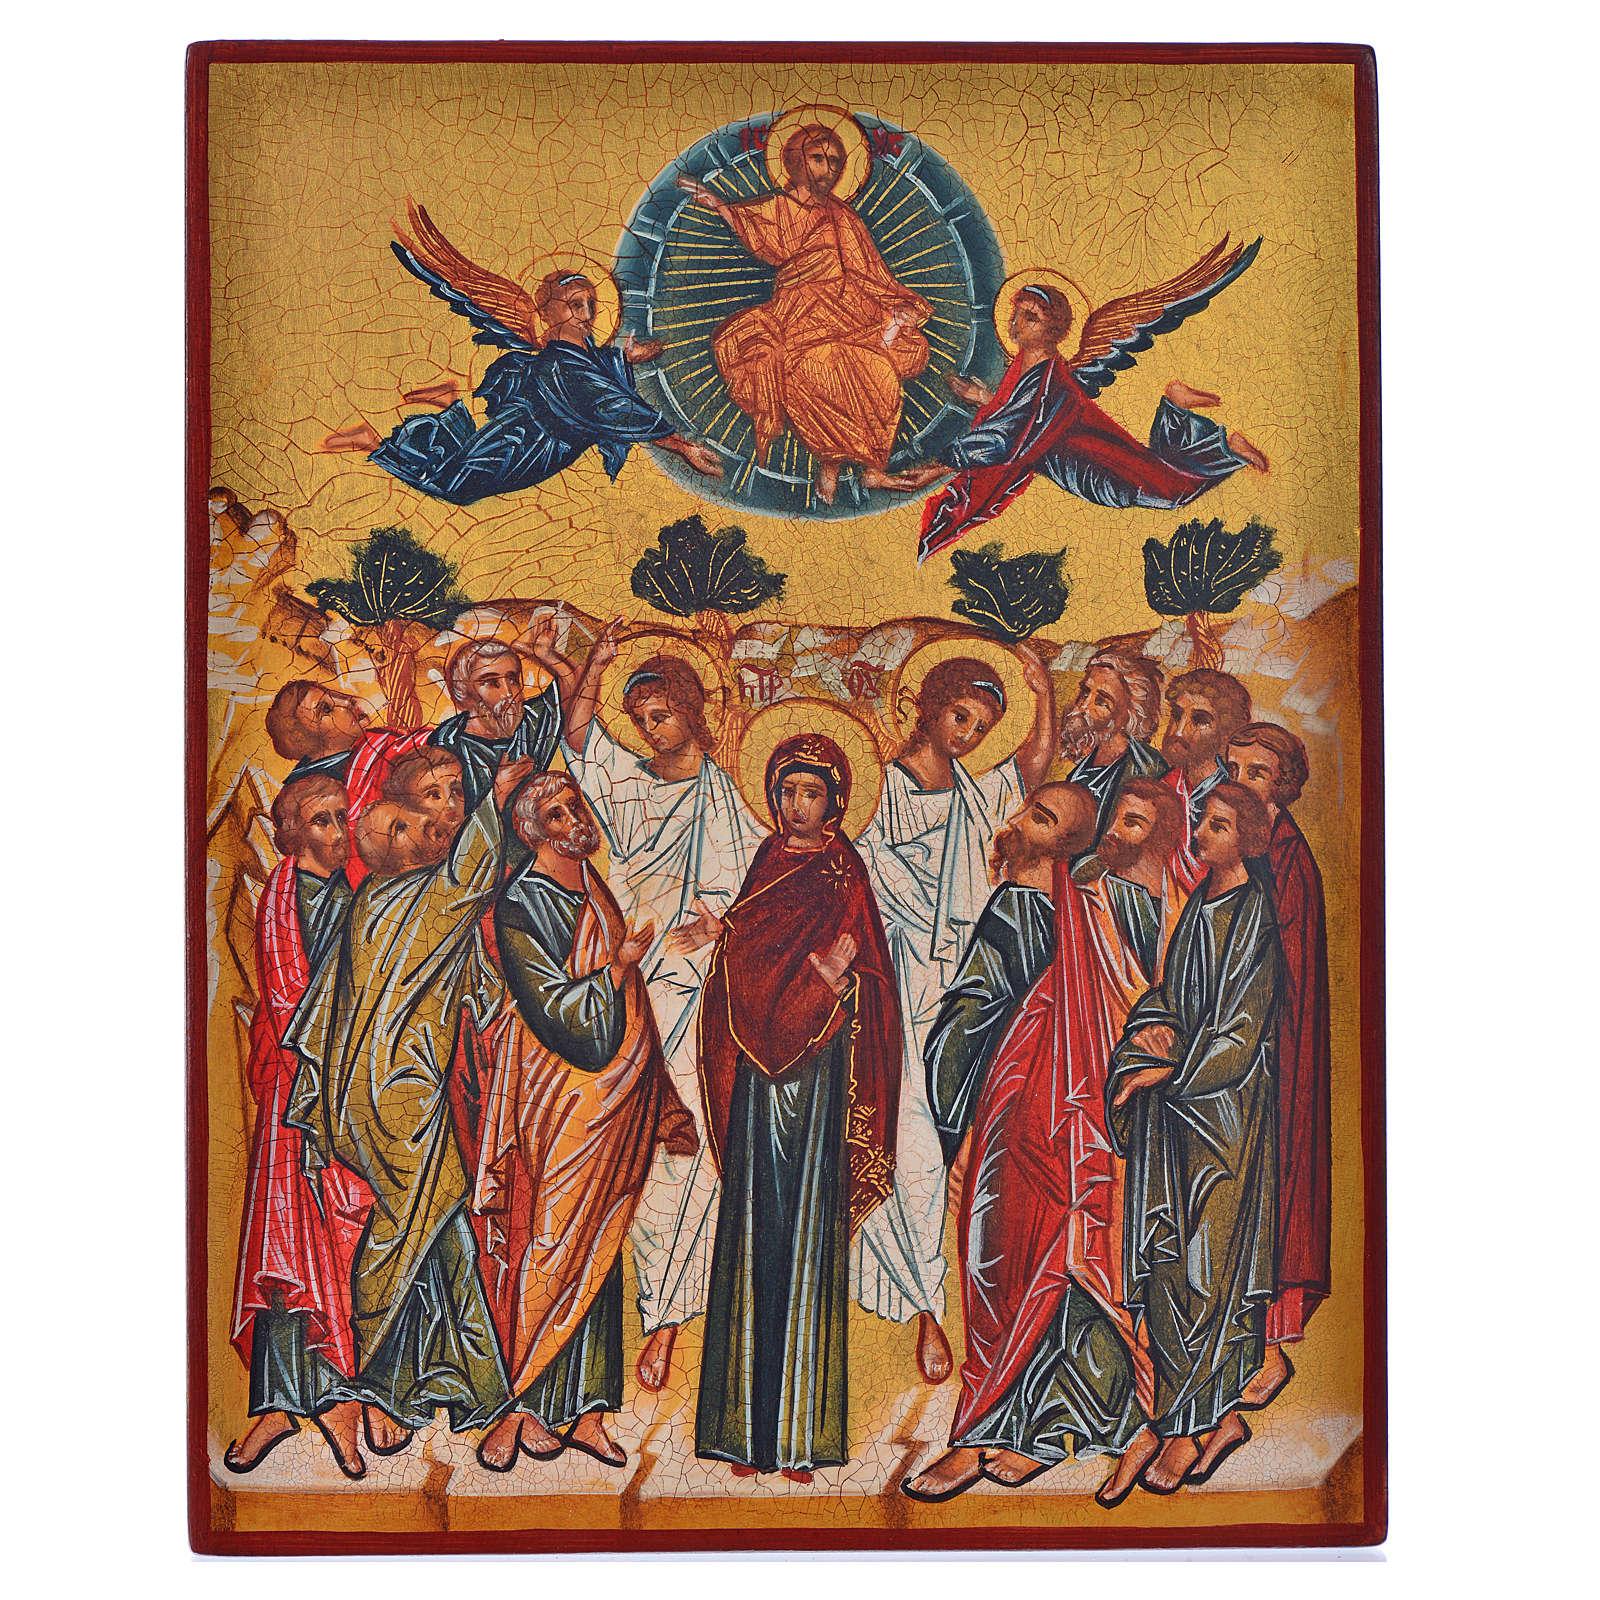 Ikona rosyjska malowana Wniebowzięcie NMP 14x11 4